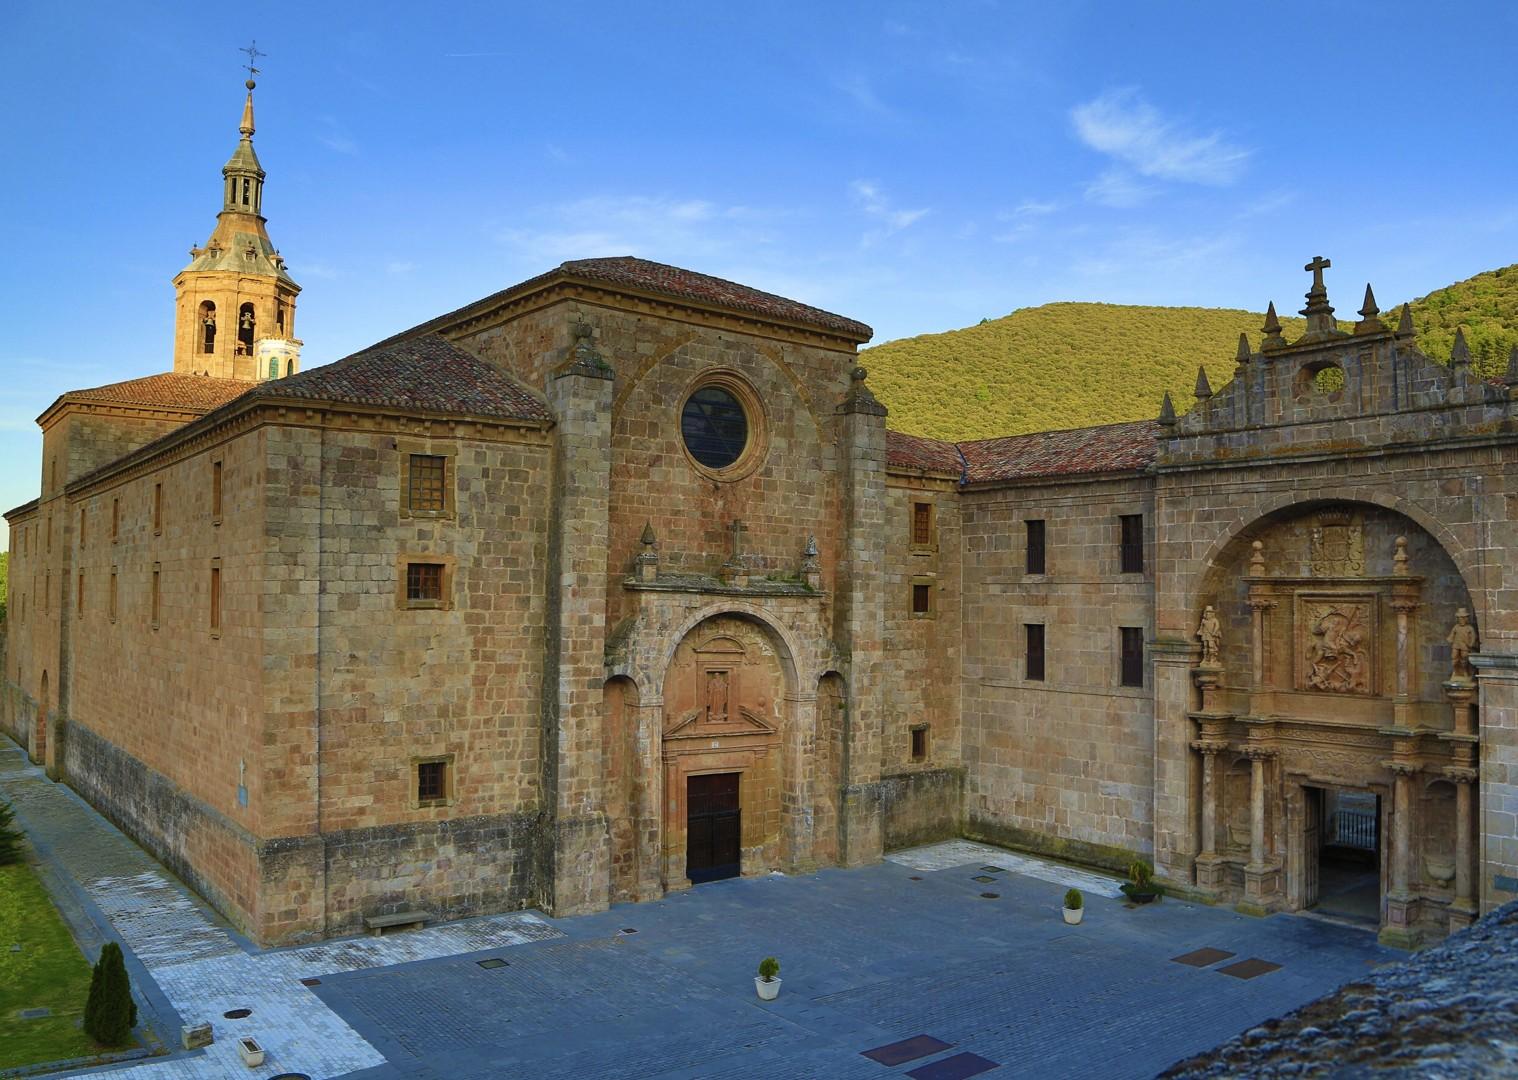 Riojanrolling2.jpg - Northern Spain - Rioja - Ruta del Vino - Guided Road Cycling Holiday - Road Cycling